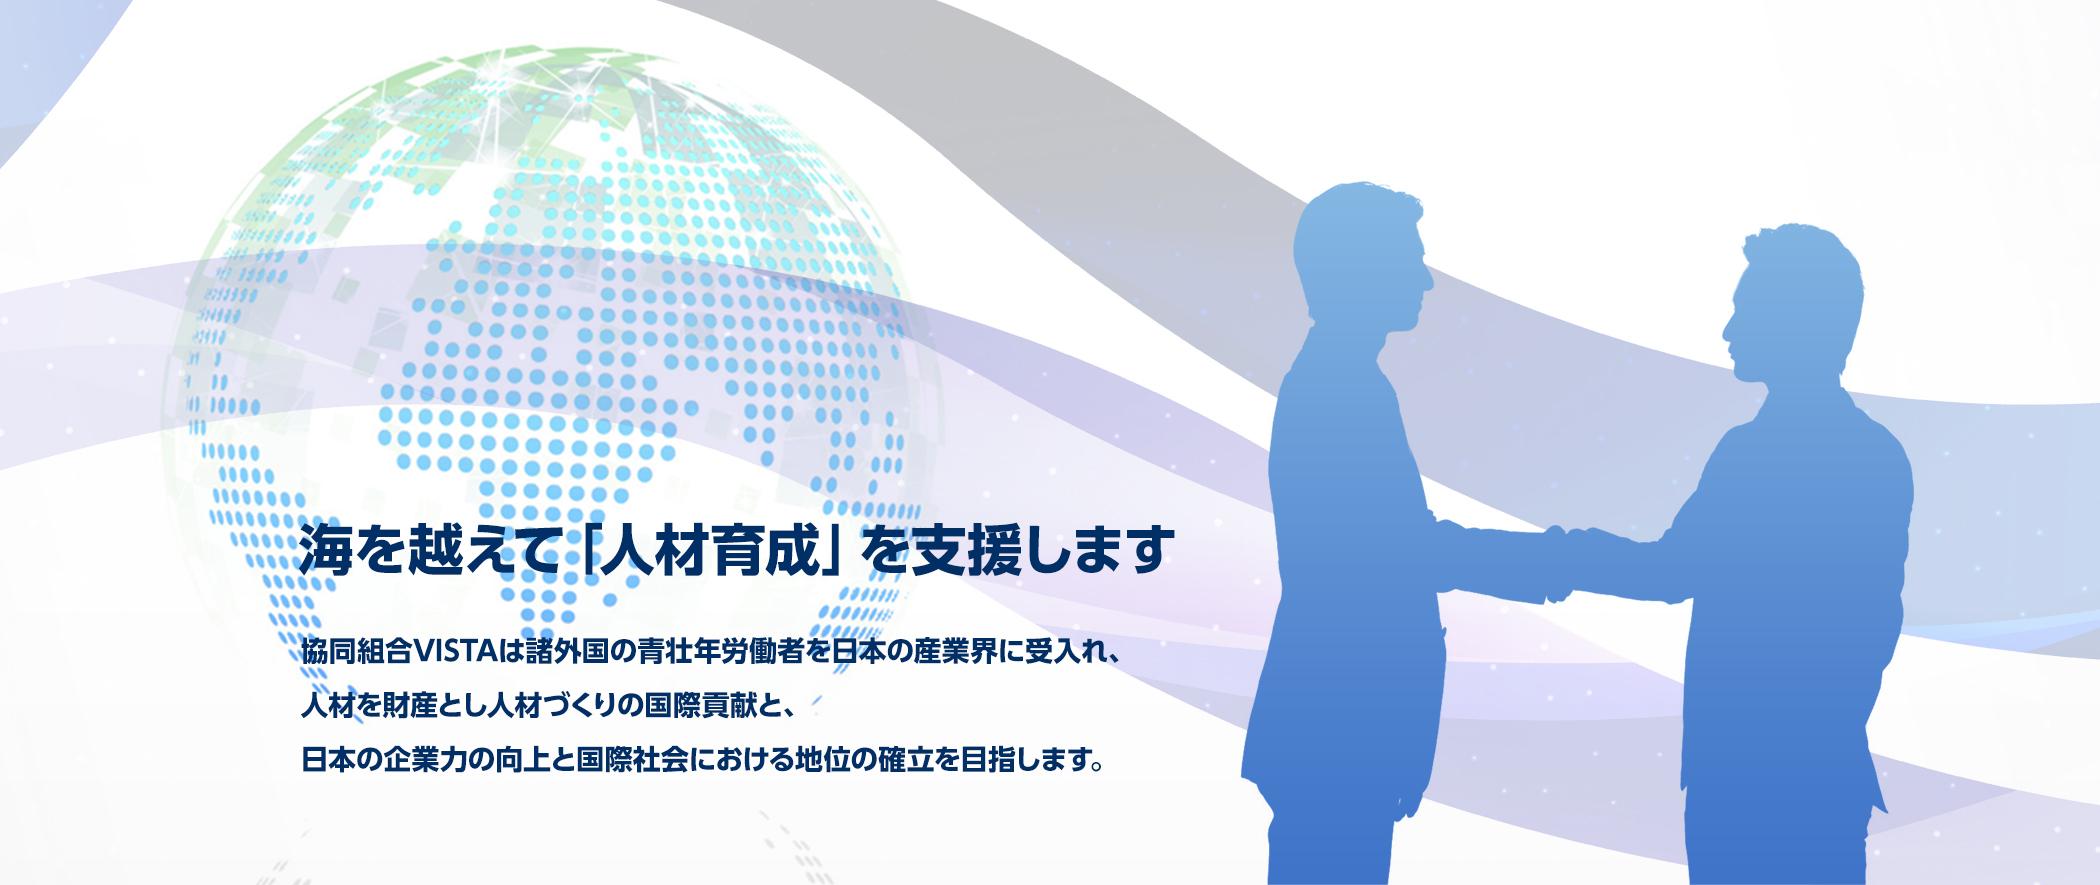 外国人技能実習のことなら協同組合VISTA(ビスタ)|大阪